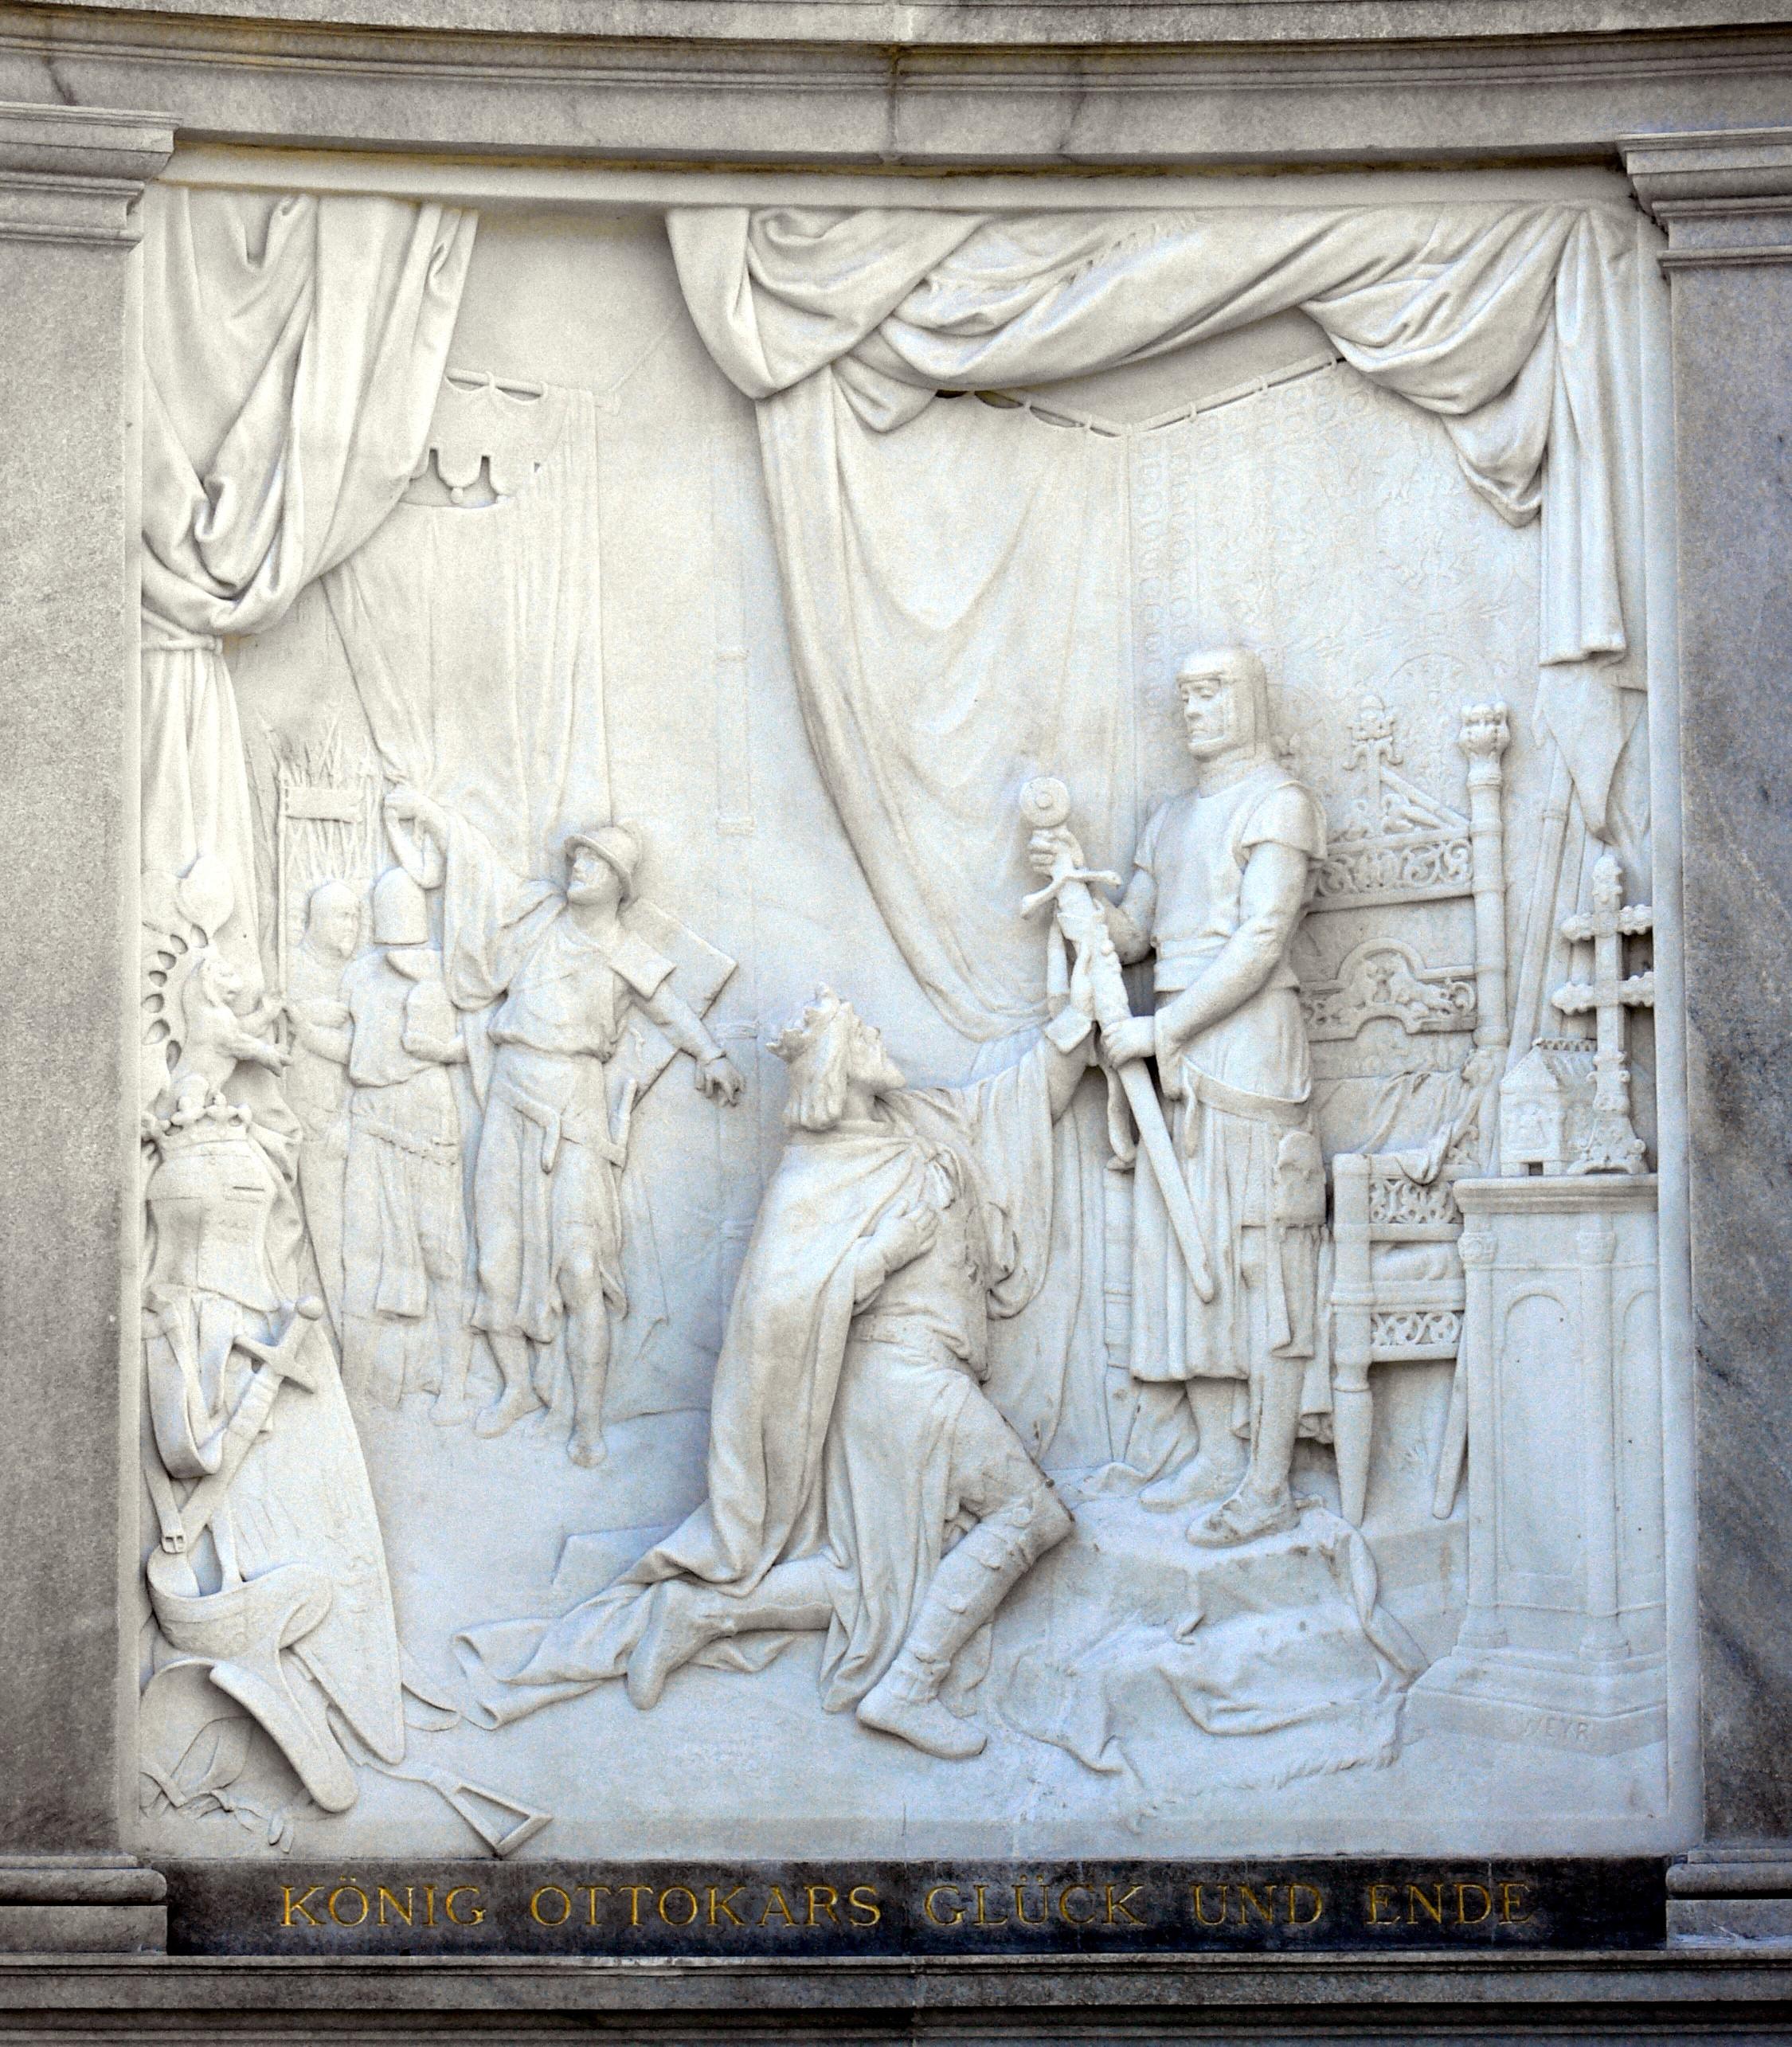 Datei:Wien Grillparzerdenkmal Relief König Ottokars Glück und Ende.jpg